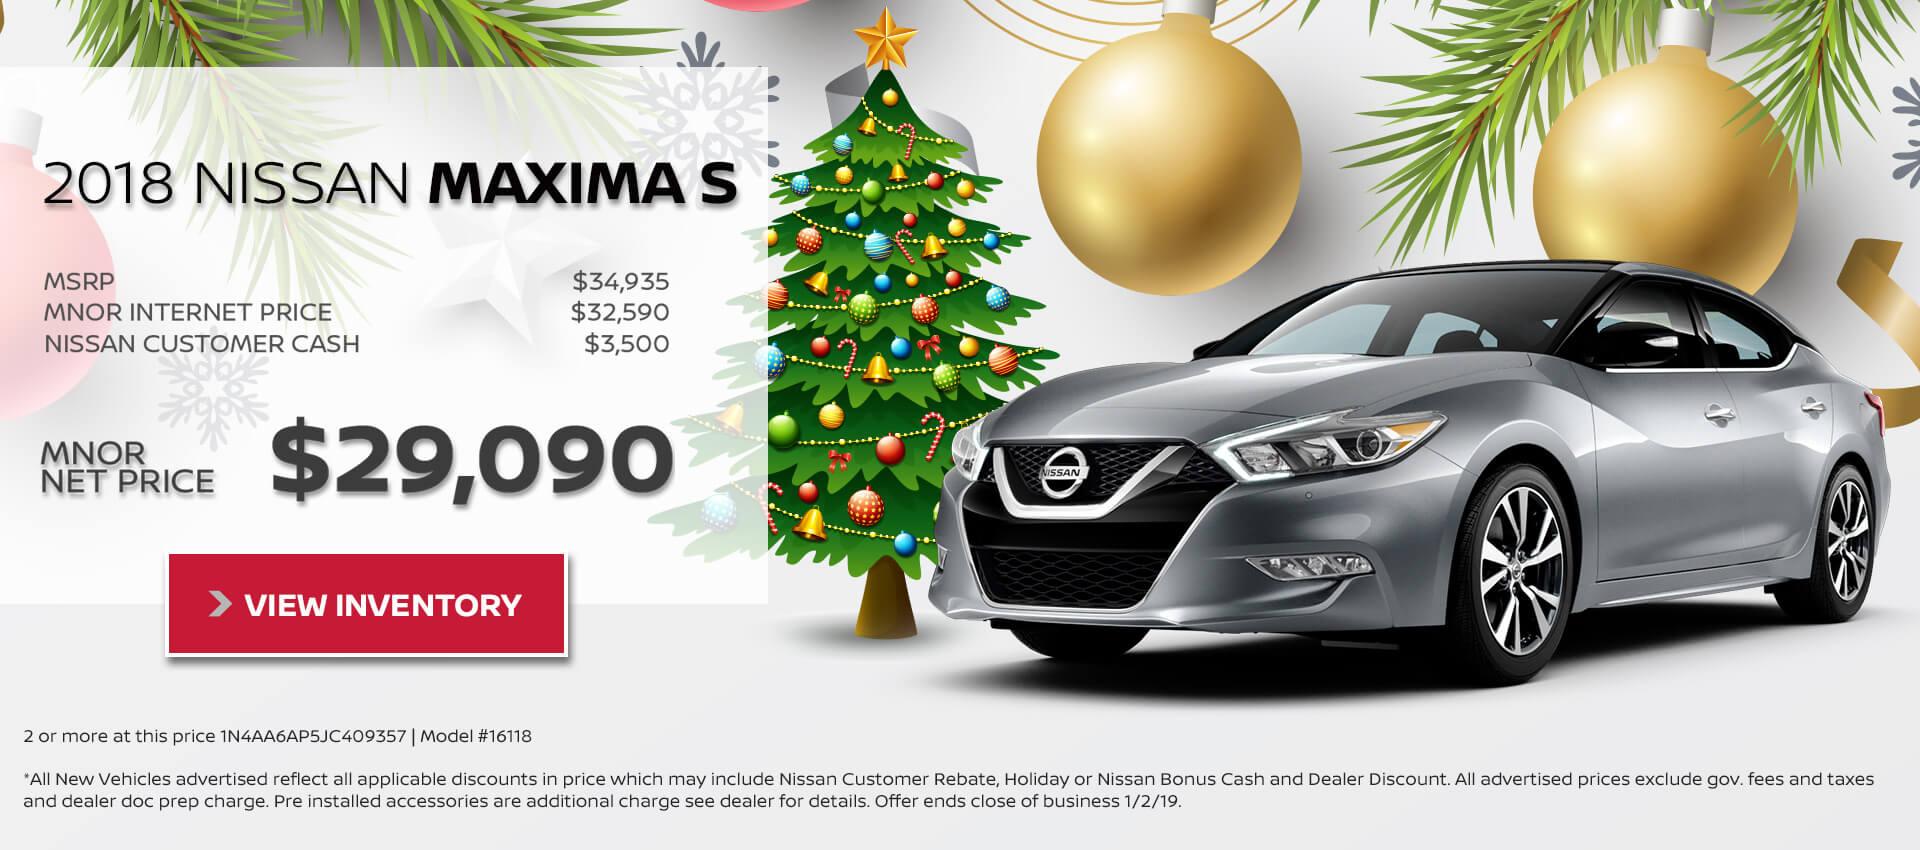 2018 Nissan Maxima $29,090